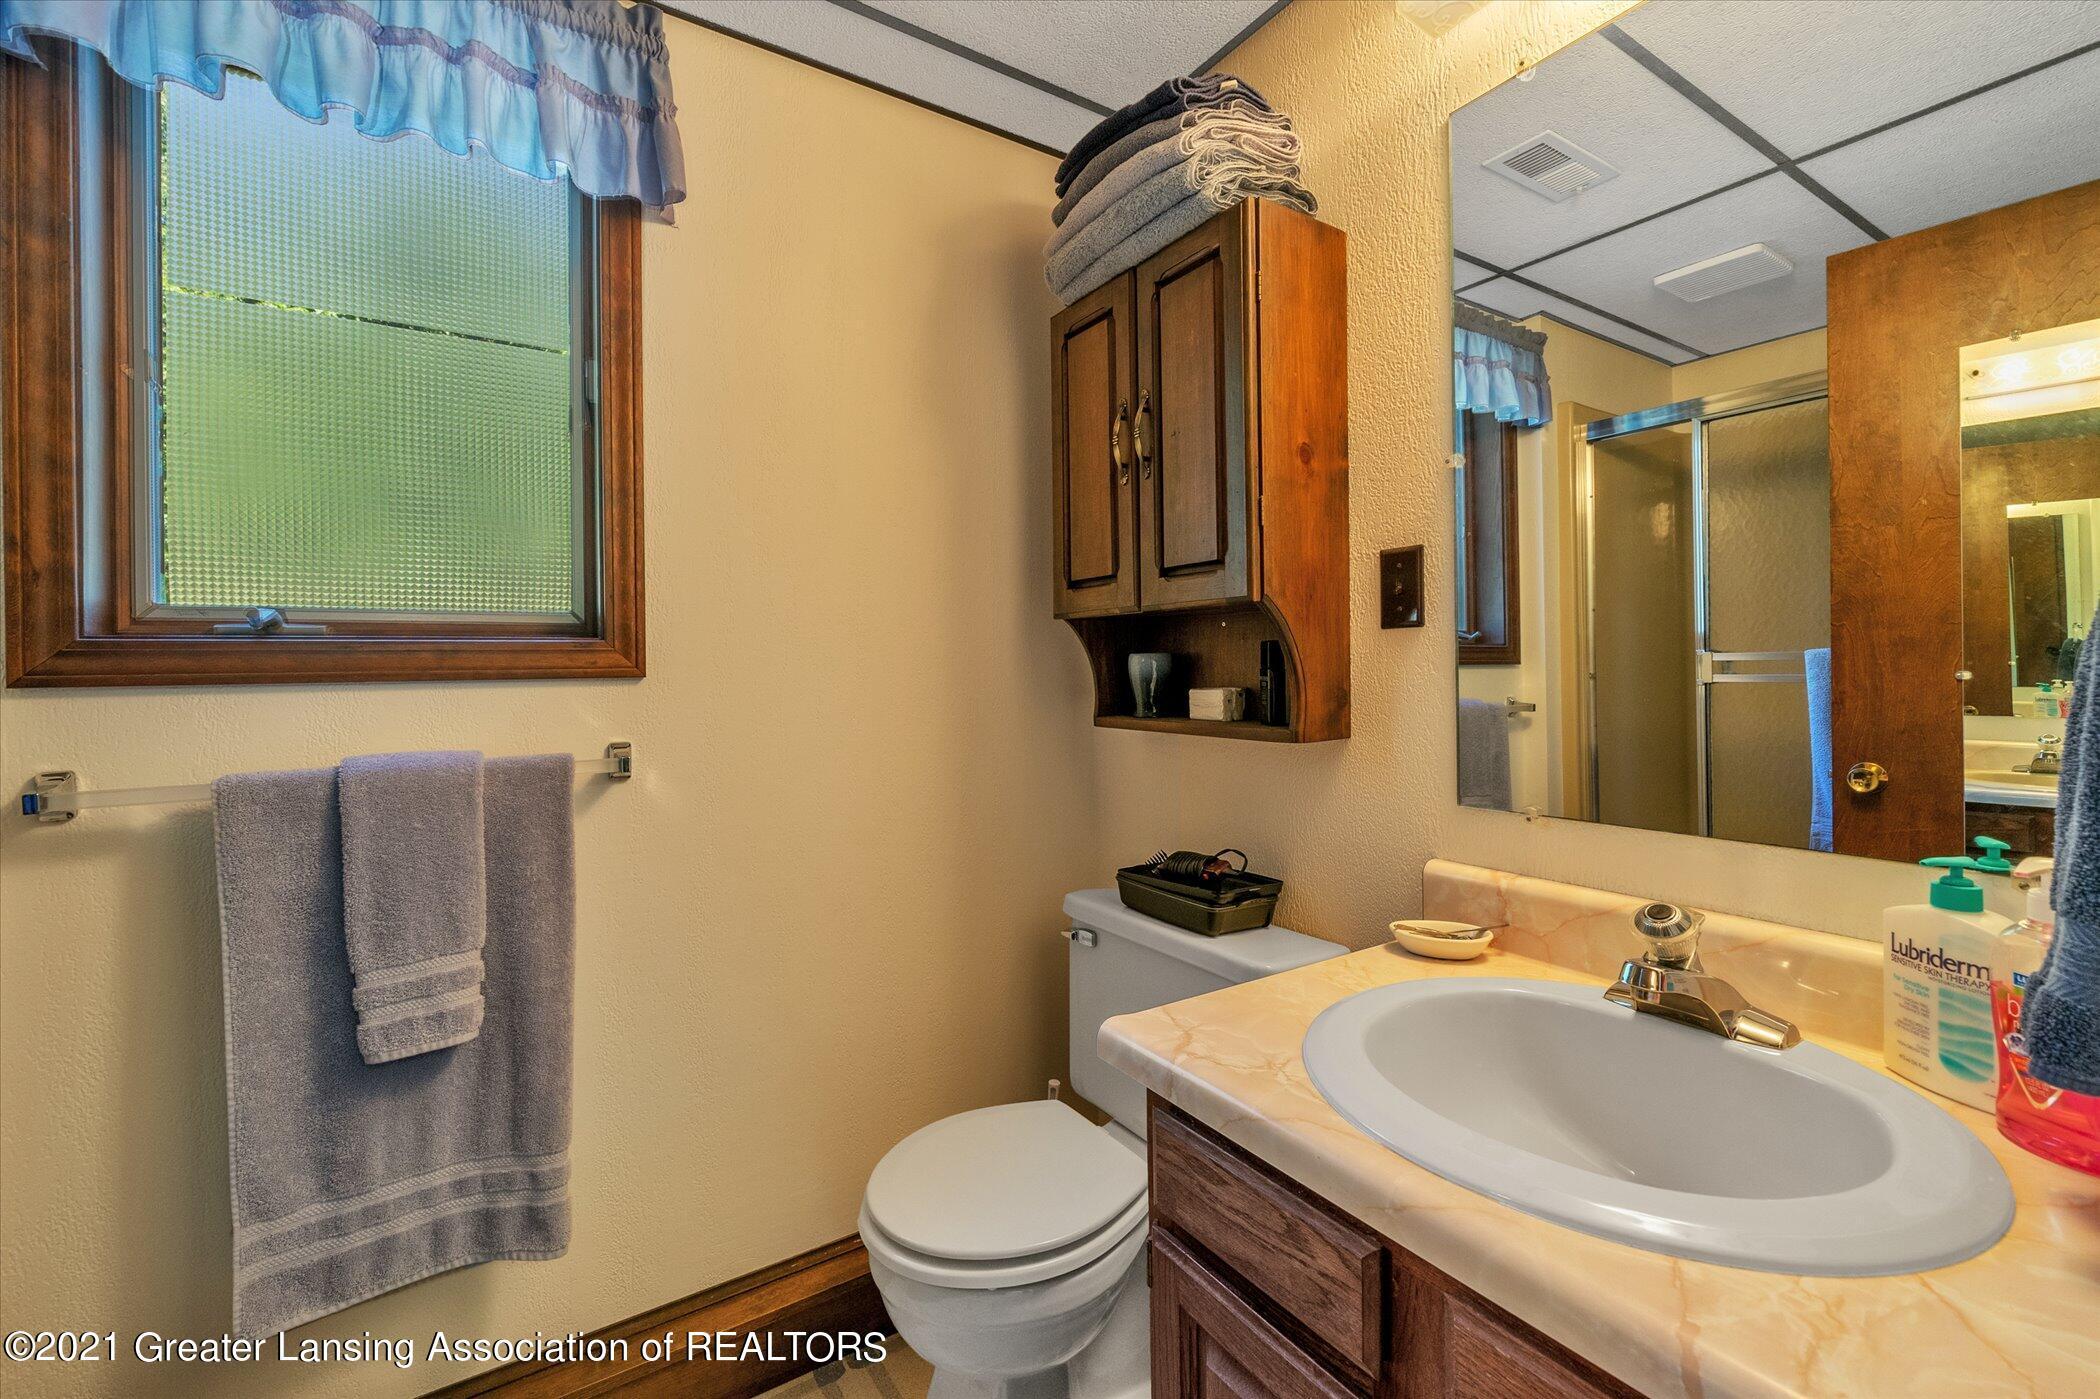 7851 S Cochran Rd - (32) LOWER LEVEL Bathroom - 32